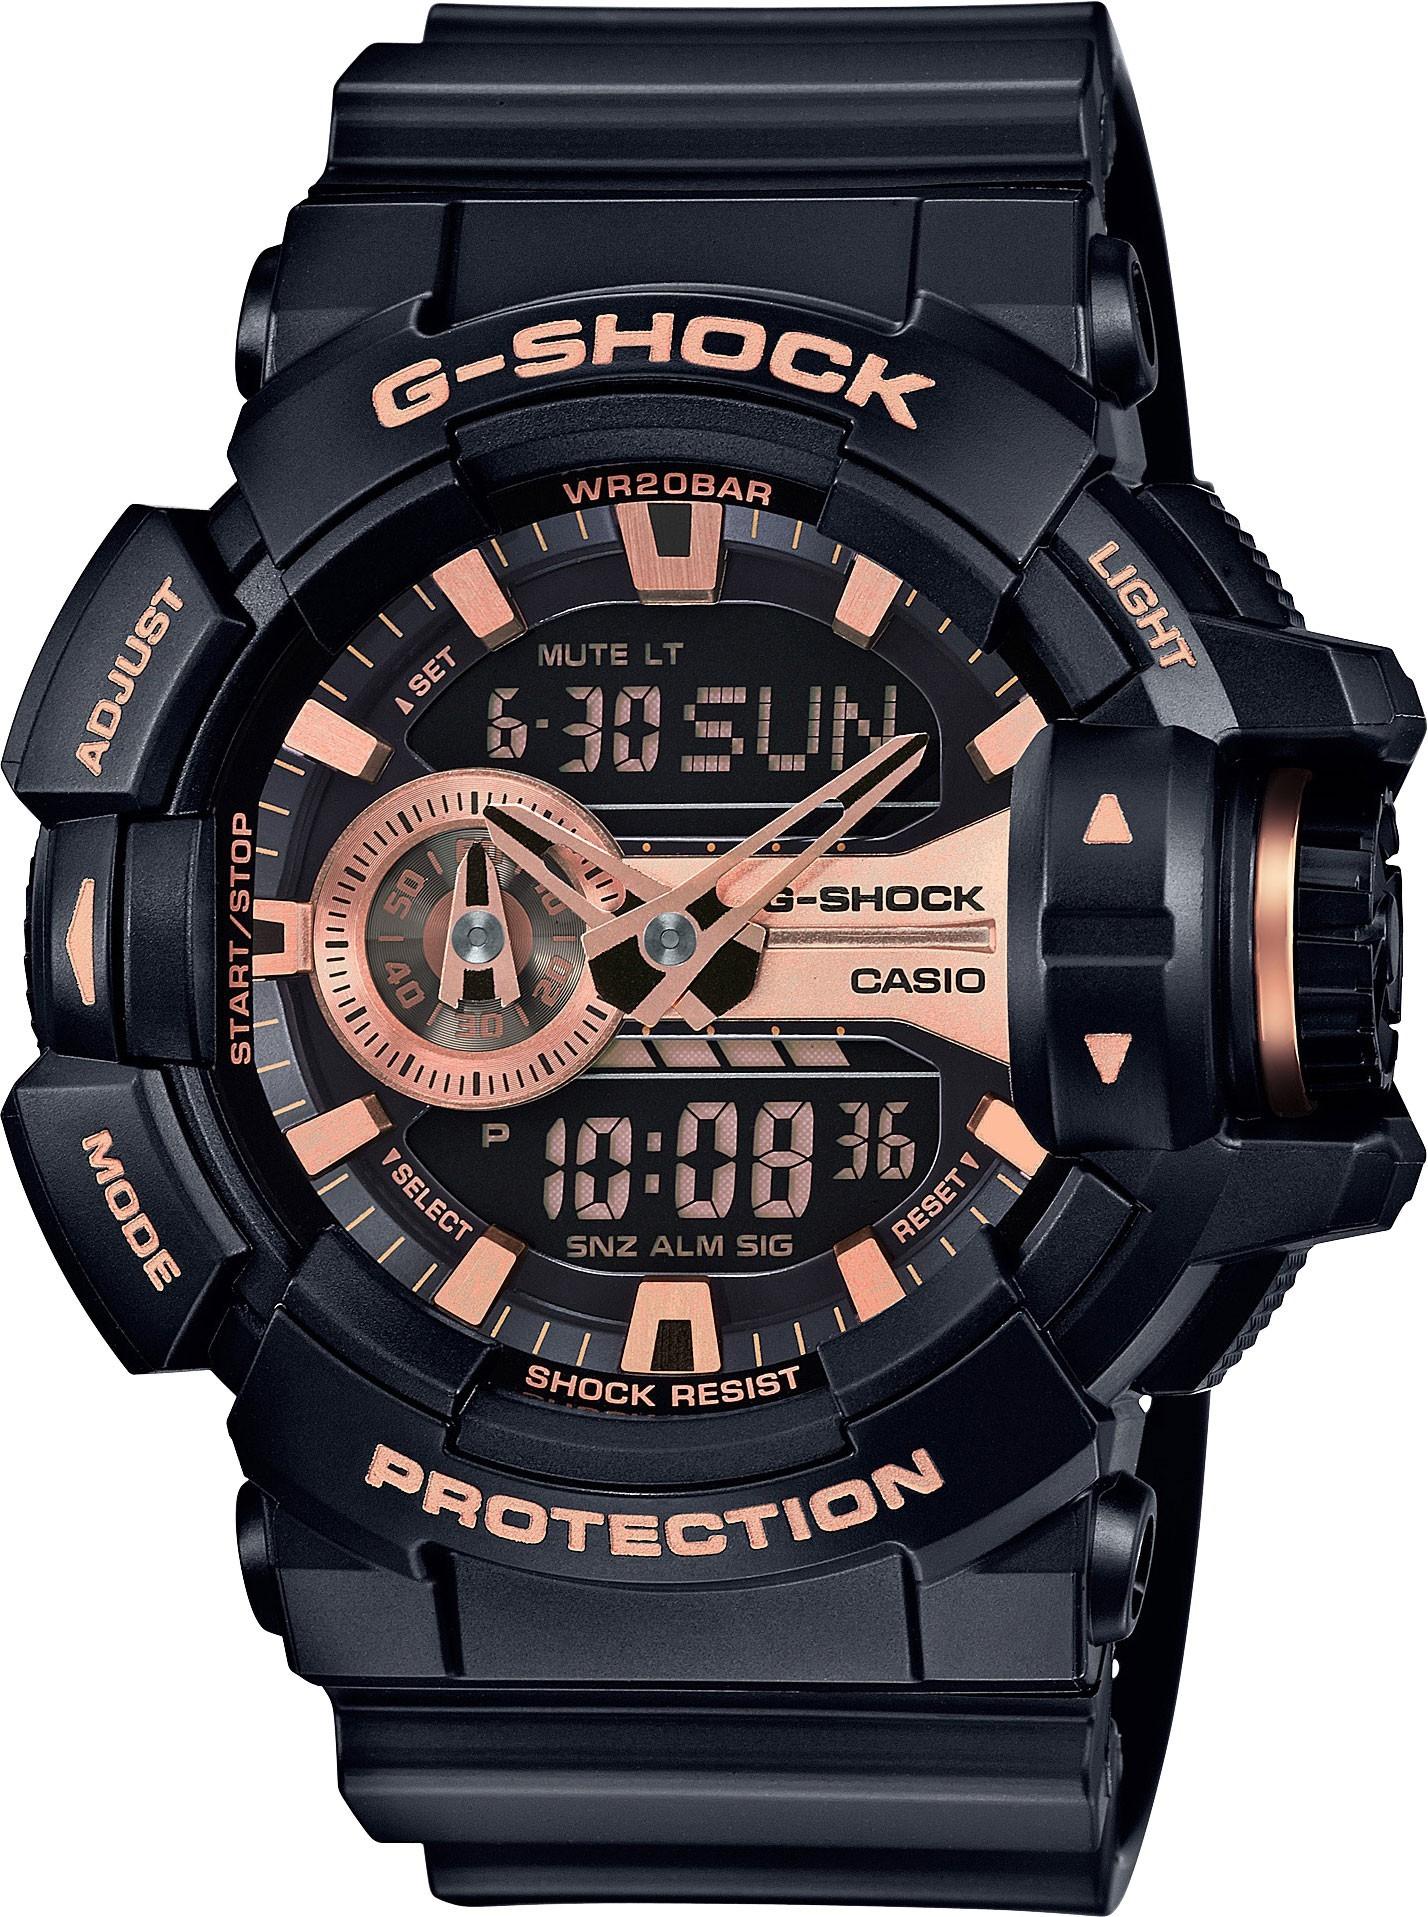 Casio G-SHOCK GA-400GB-1A4 / GA-400GB-1A4ER - мужские наручные часыCasio<br><br><br>Бренд: Casio<br>Модель: Casio GA-400GB-1A4<br>Артикул: GA-400GB-1A4<br>Вариант артикула: GA-400GB-1A4ER<br>Коллекция: G-SHOCK<br>Подколлекция: None<br>Страна: Япония<br>Пол: мужские<br>Тип механизма: кварцевые<br>Механизм: None<br>Количество камней: None<br>Автоподзавод: None<br>Источник энергии: от батарейки<br>Срок службы элемента питания: 36 мес<br>Дисплей: None<br>Цифры: отсутствуют<br>Водозащита: WR 200<br>Противоударные: есть<br>Материал корпуса: пластик<br>Материал браслета: пластик<br>Материал безеля: None<br>Стекло: минеральное<br>Антибликовое покрытие: None<br>Цвет корпуса: None<br>Цвет браслета: None<br>Цвет циферблата: None<br>Цвет безеля: None<br>Размеры: None<br>Диаметр: None<br>Диаметр корпуса: None<br>Толщина: None<br>Ширина ремешка: None<br>Вес: 70 г<br>Спорт-функции: секундомер, таймер обратного отсчета<br>Подсветка: дисплея<br>Вставка: None<br>Отображение даты: вечный календарь, число, месяц, день недели<br>Хронограф: None<br>Таймер: None<br>Термометр: None<br>Хронометр: None<br>GPS: None<br>Радиосинхронизация: None<br>Барометр: None<br>Скелетон: None<br>Дополнительная информация: защита от магнитных полей, ежечасный сигнал, повтор сигнала будильника, автоподсветка, функция включения/отключения звука кнопок, элемент питания SR927W ? 2<br>Дополнительные функции: второй часовой пояс, будильник (количество установок: 5)